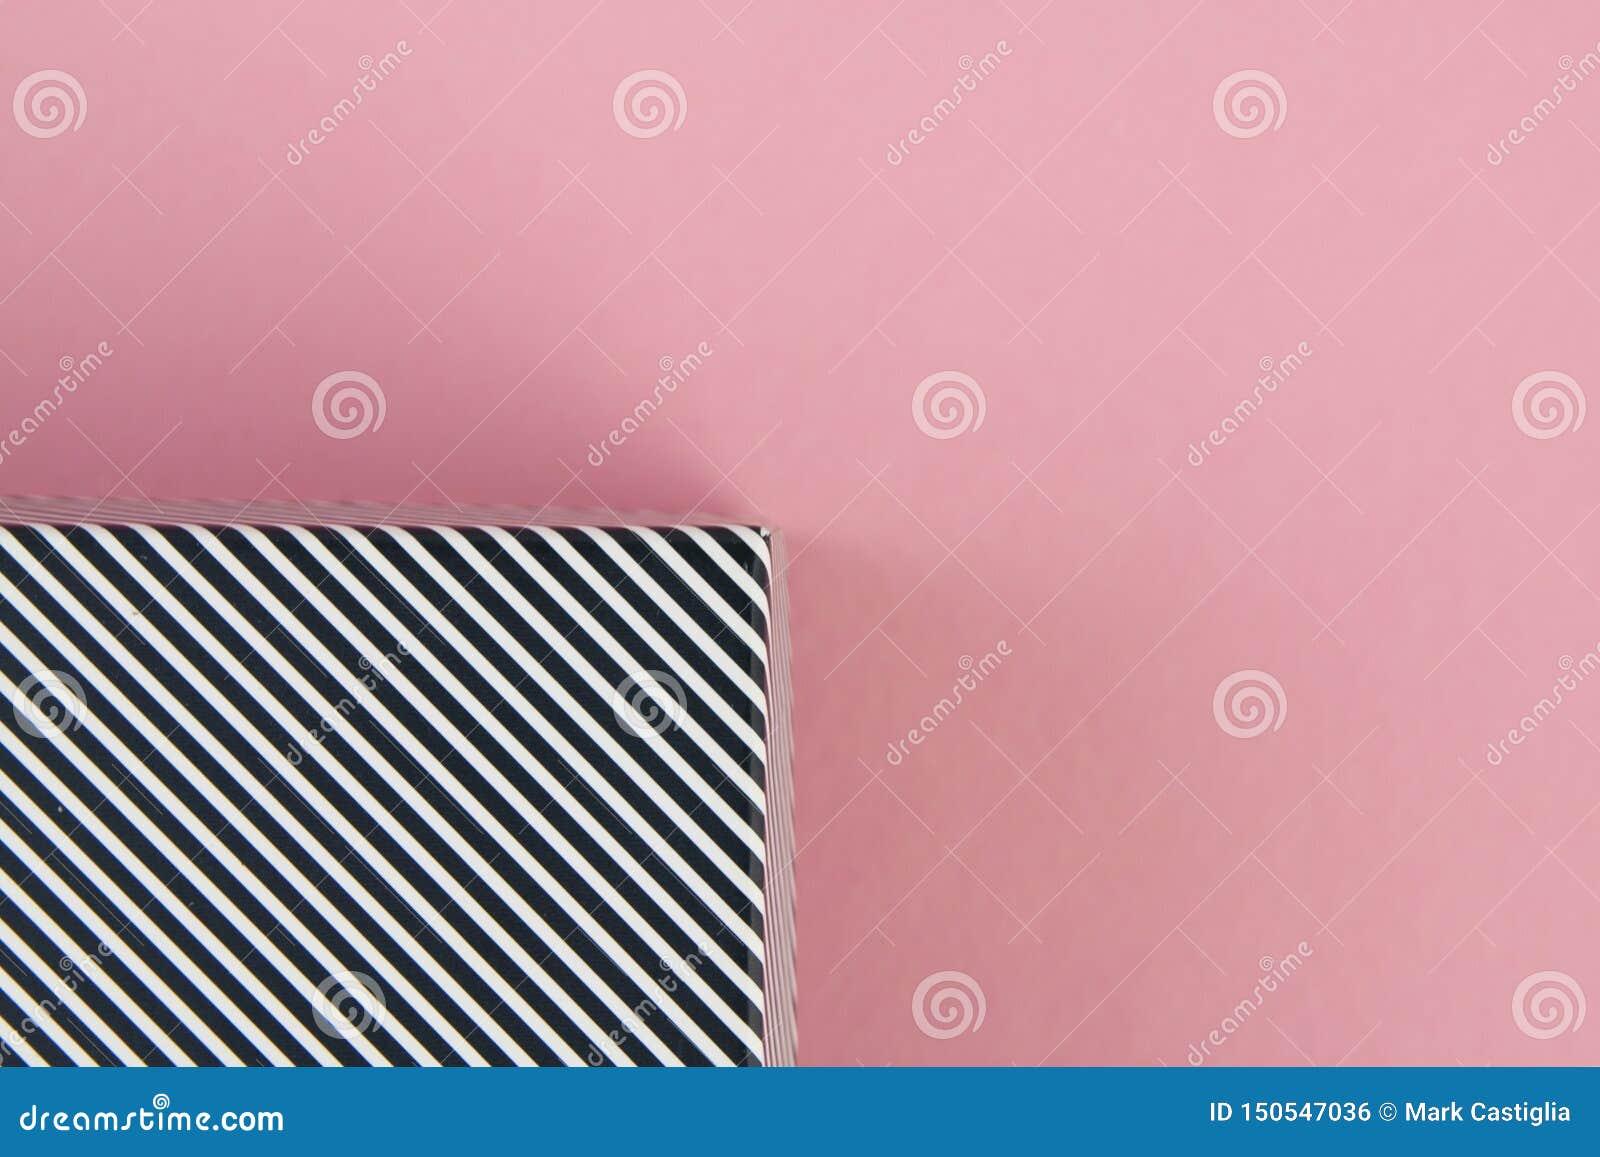 Раскосные черно-белые нашивки на пастельной розовой предпосылке